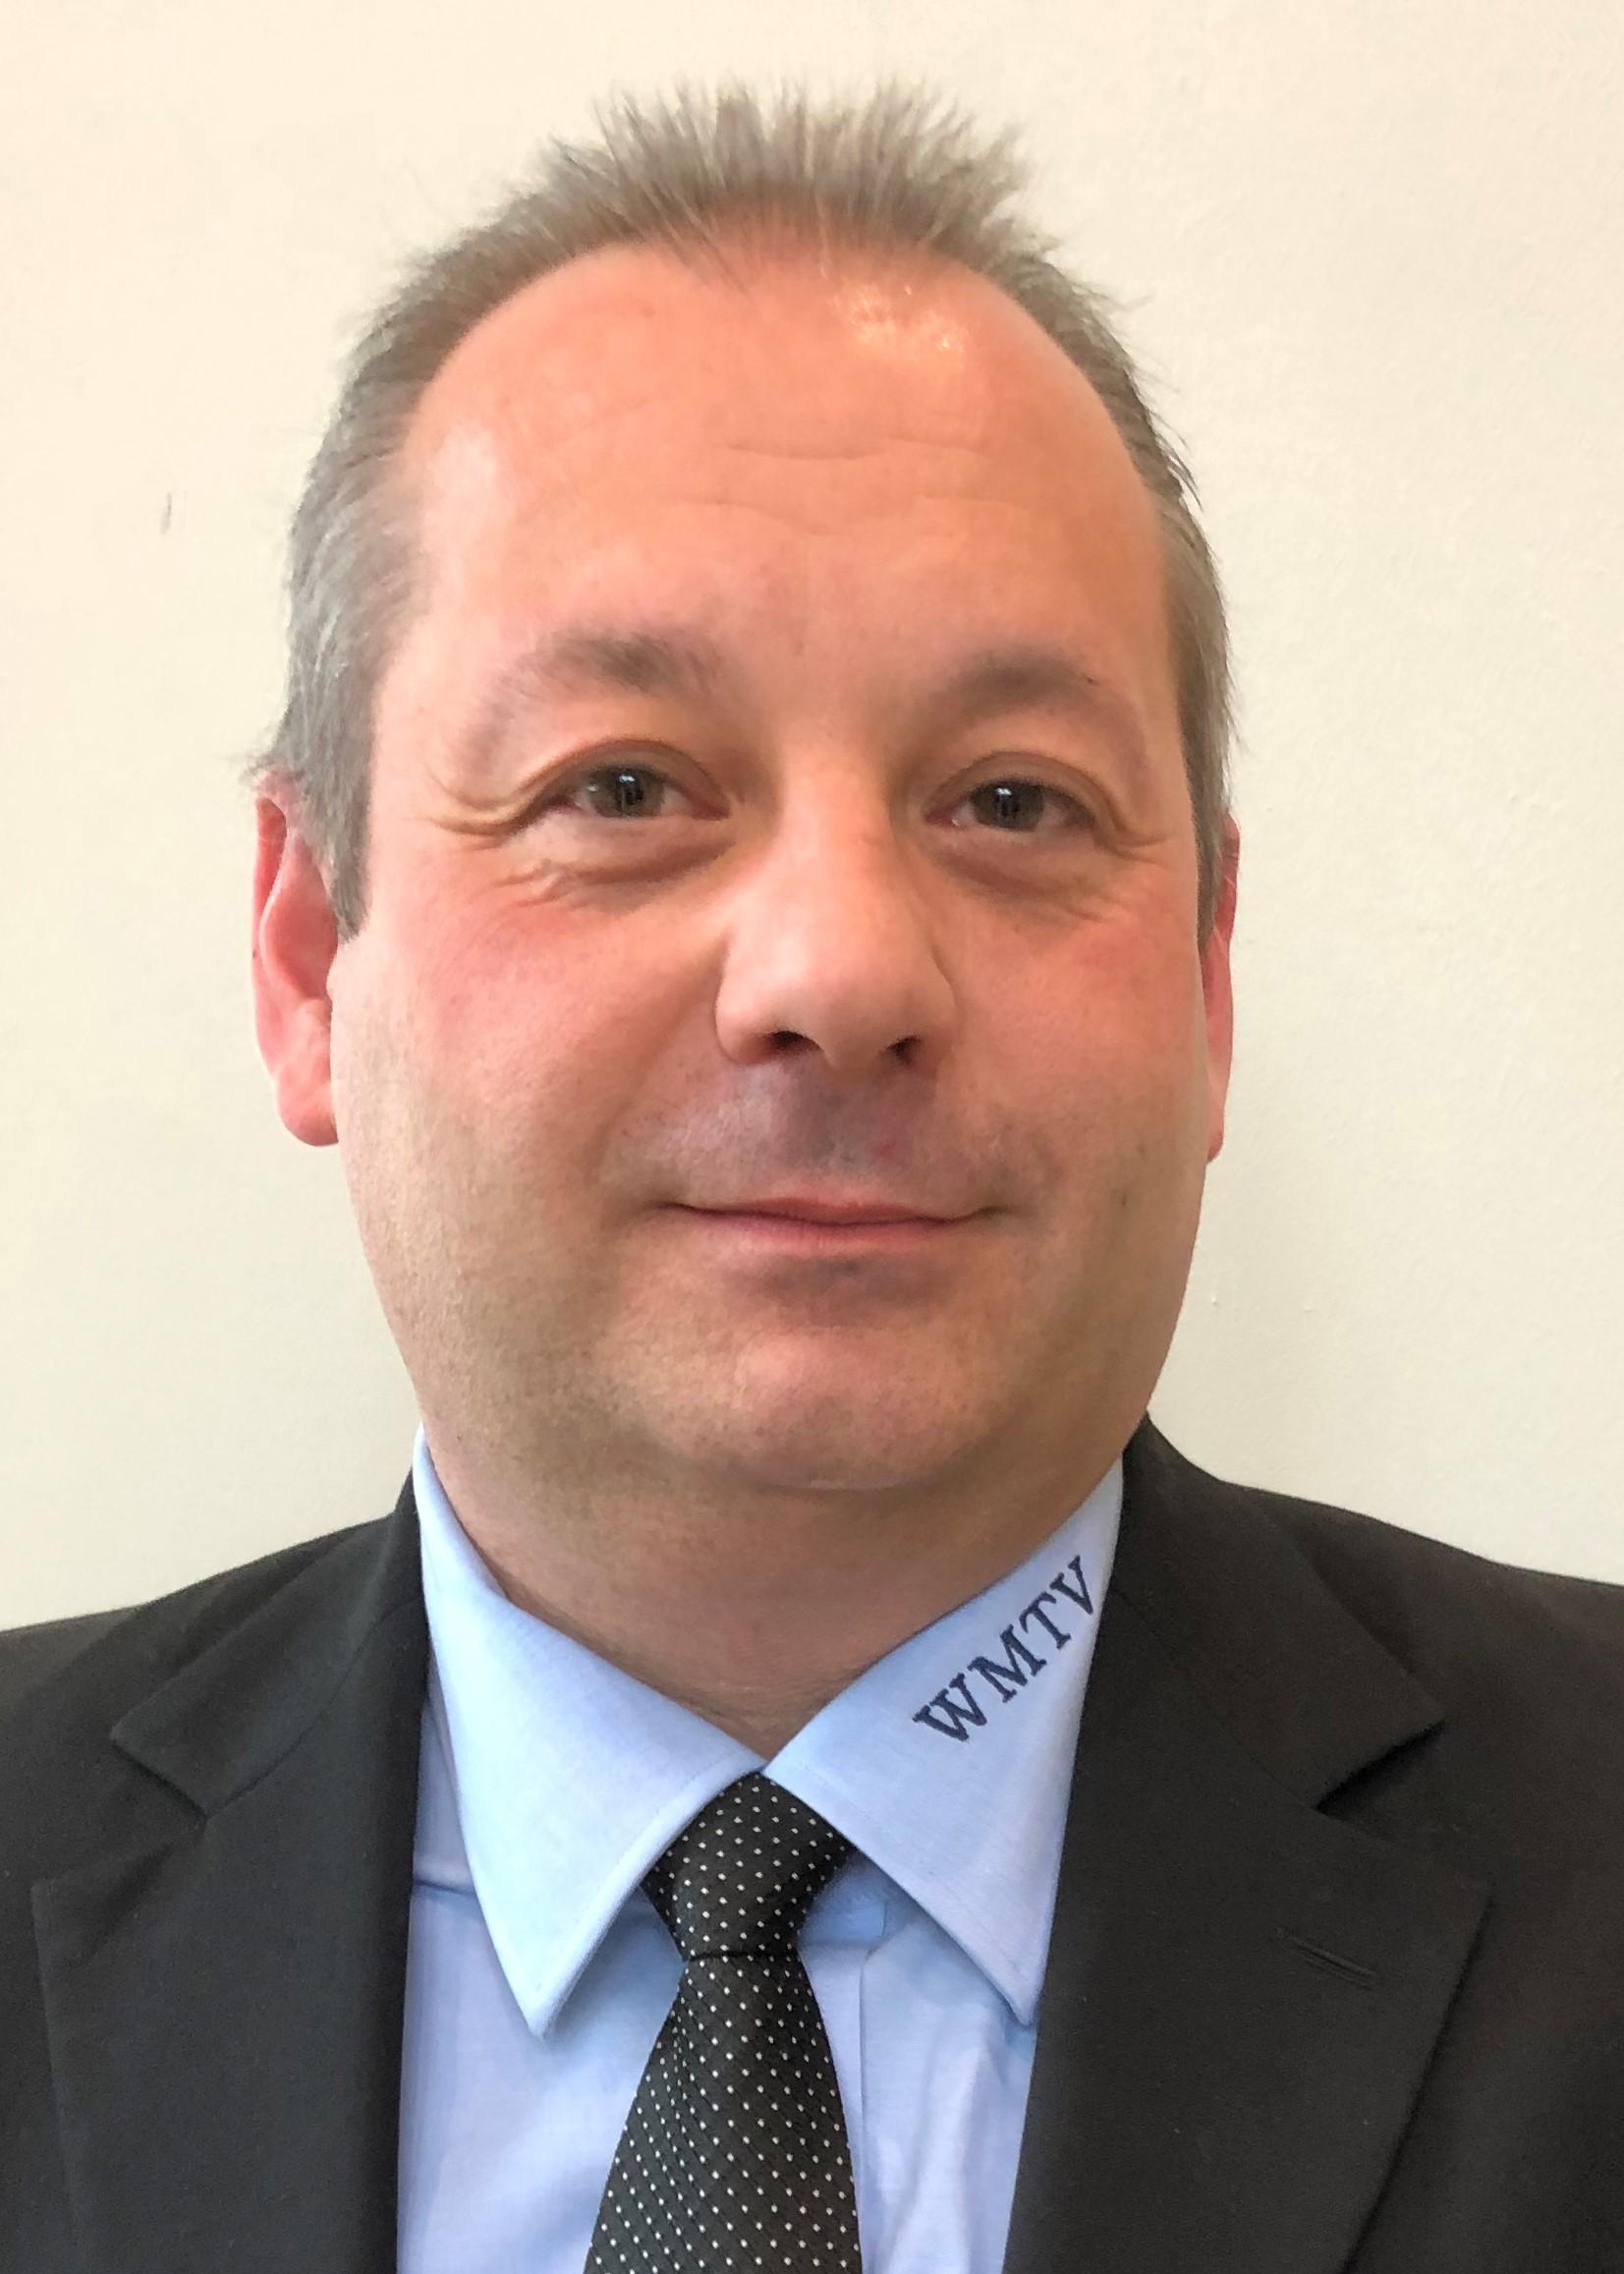 Daniel Konrad